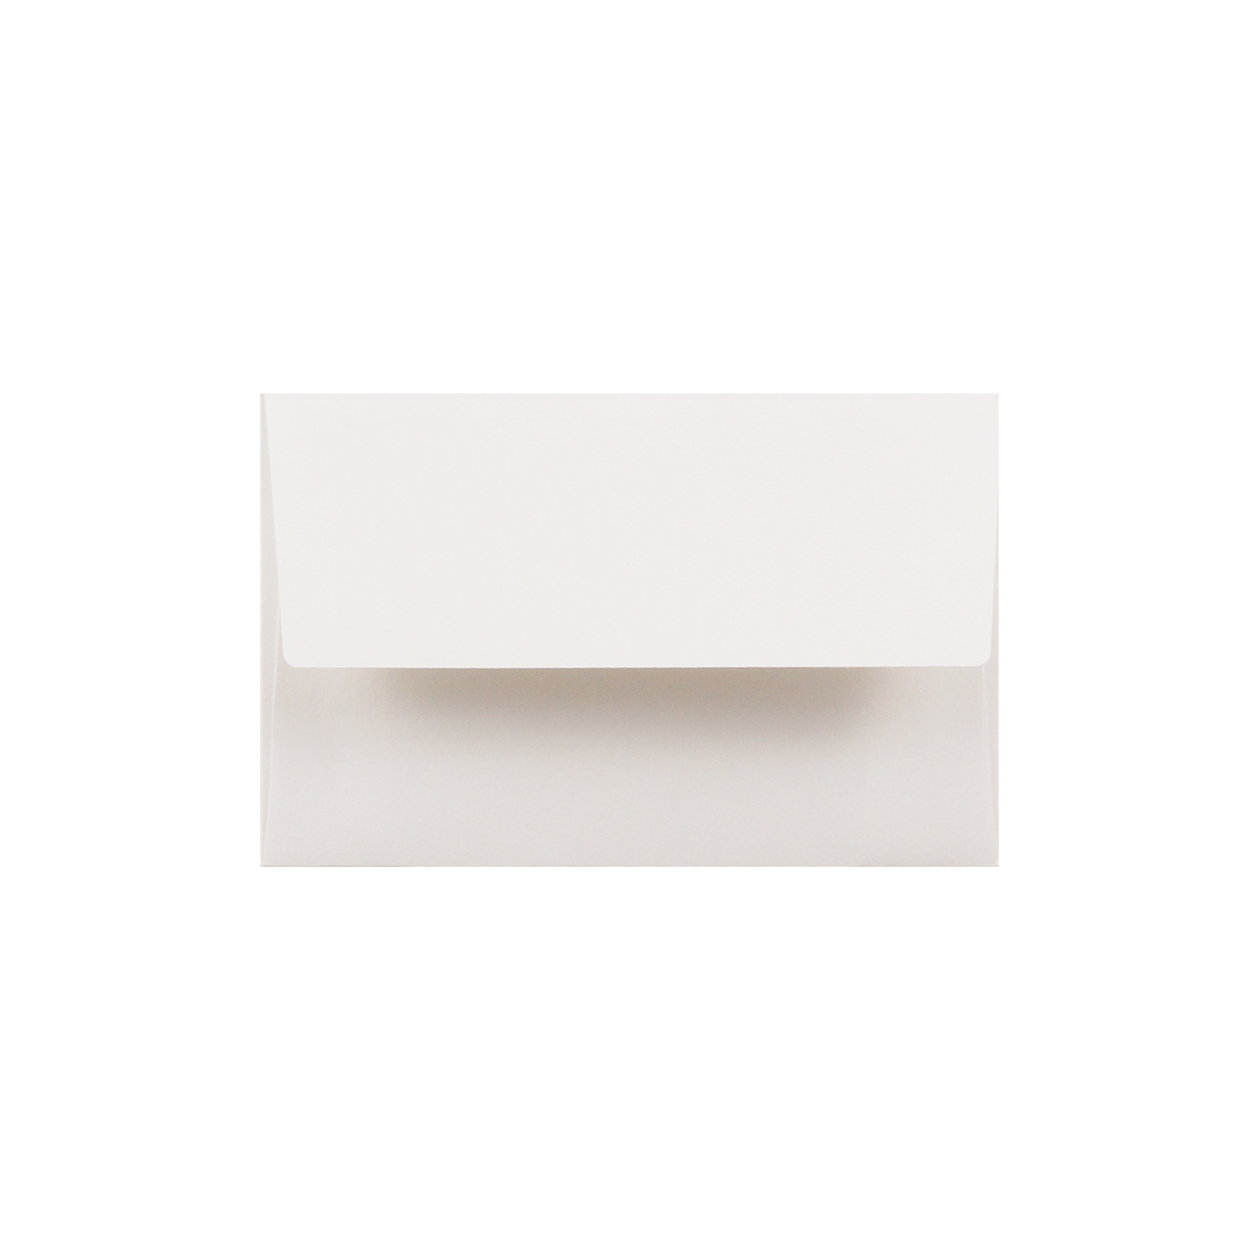 NEカマス封筒 HAGURUMA Basic プレインホワイト 100g